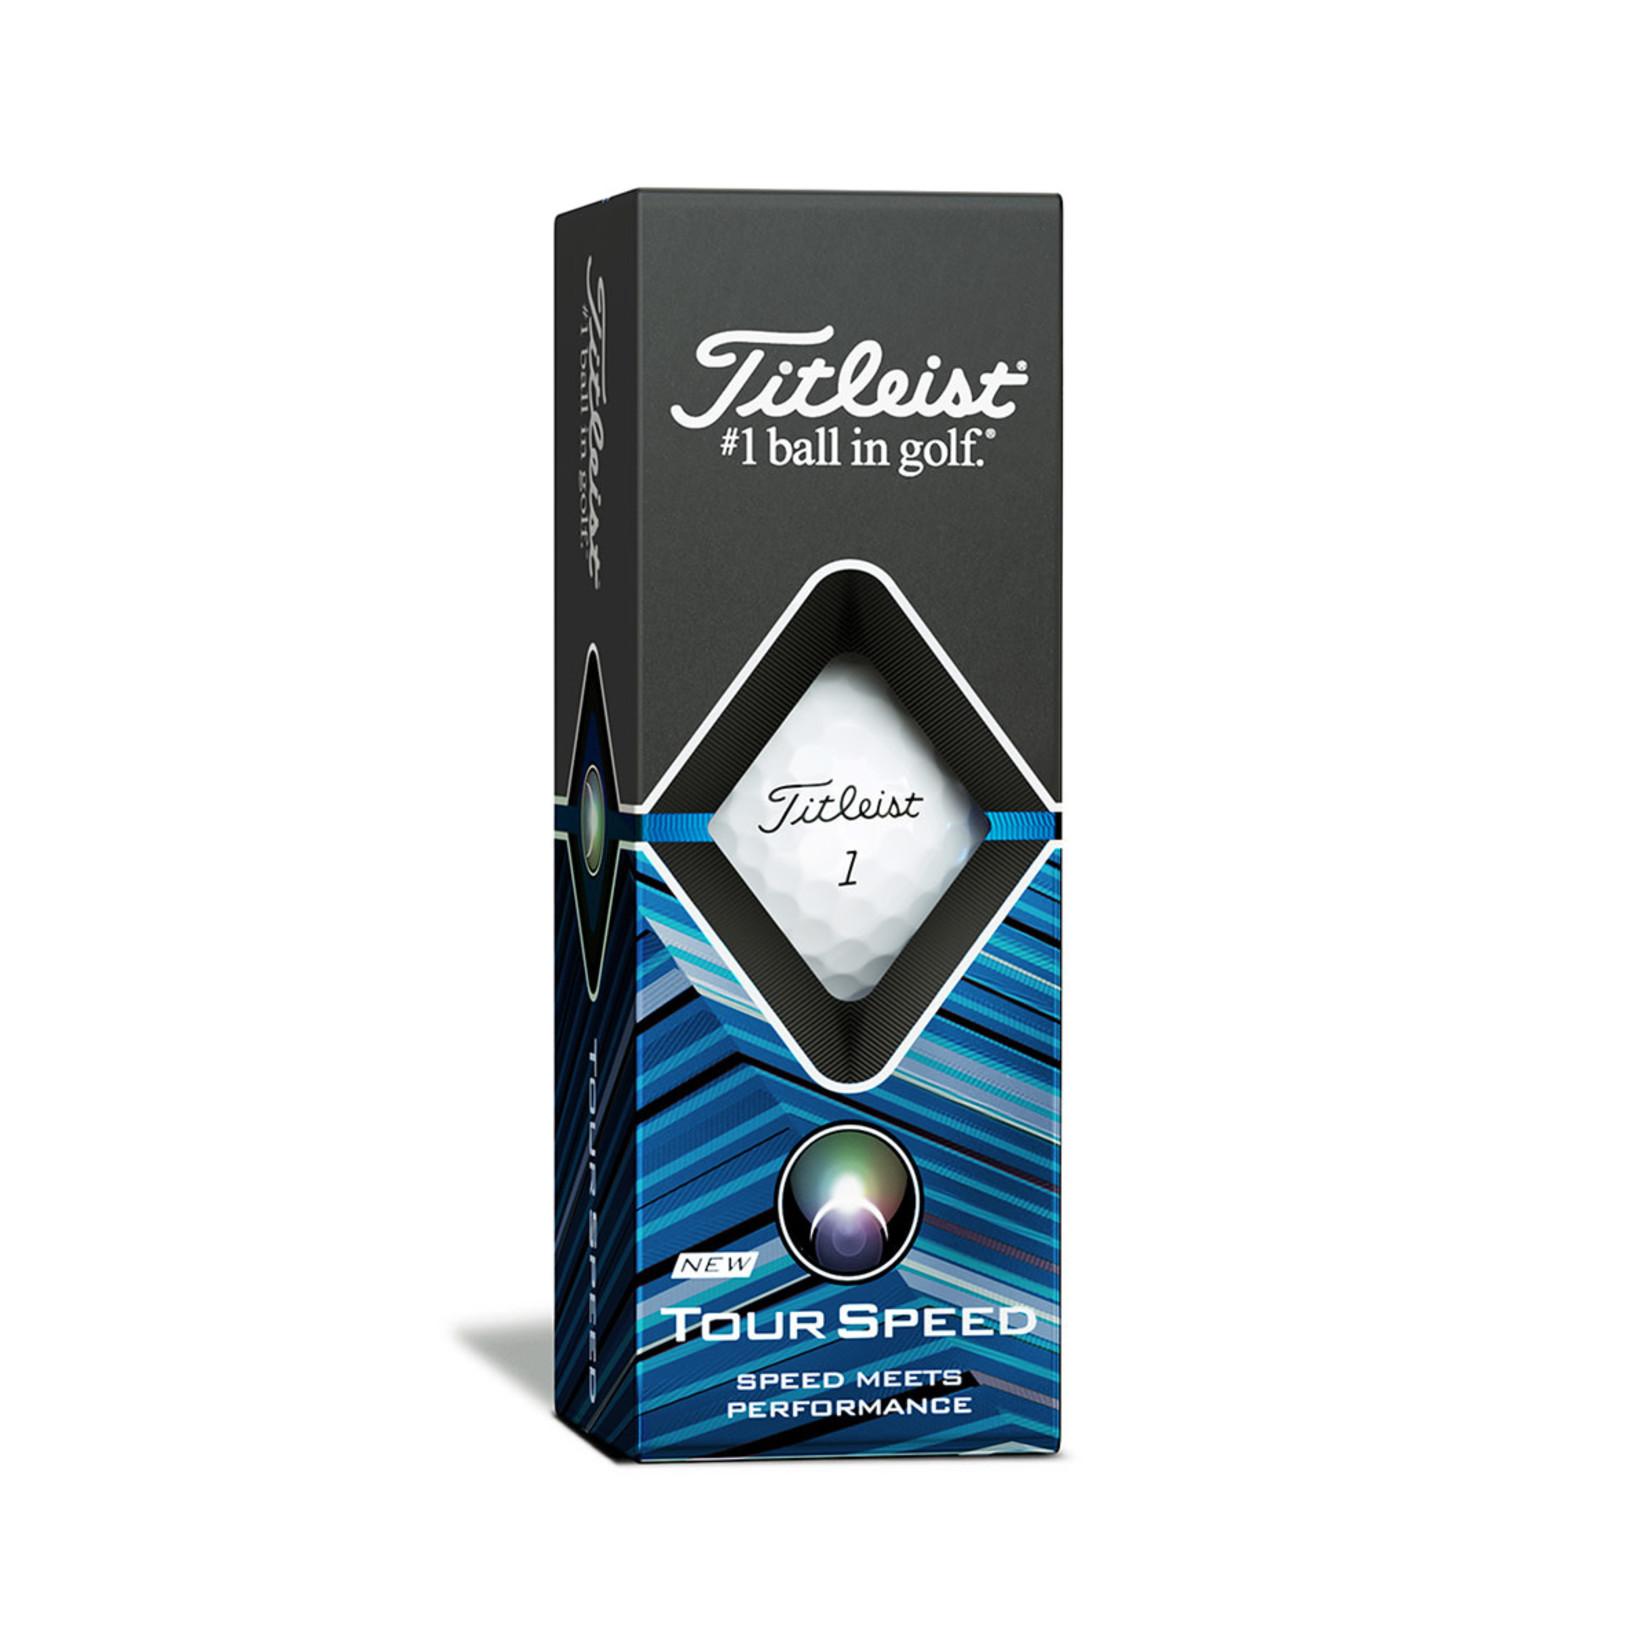 Titleist Titleist Tour Speed sleeve (3 balls)